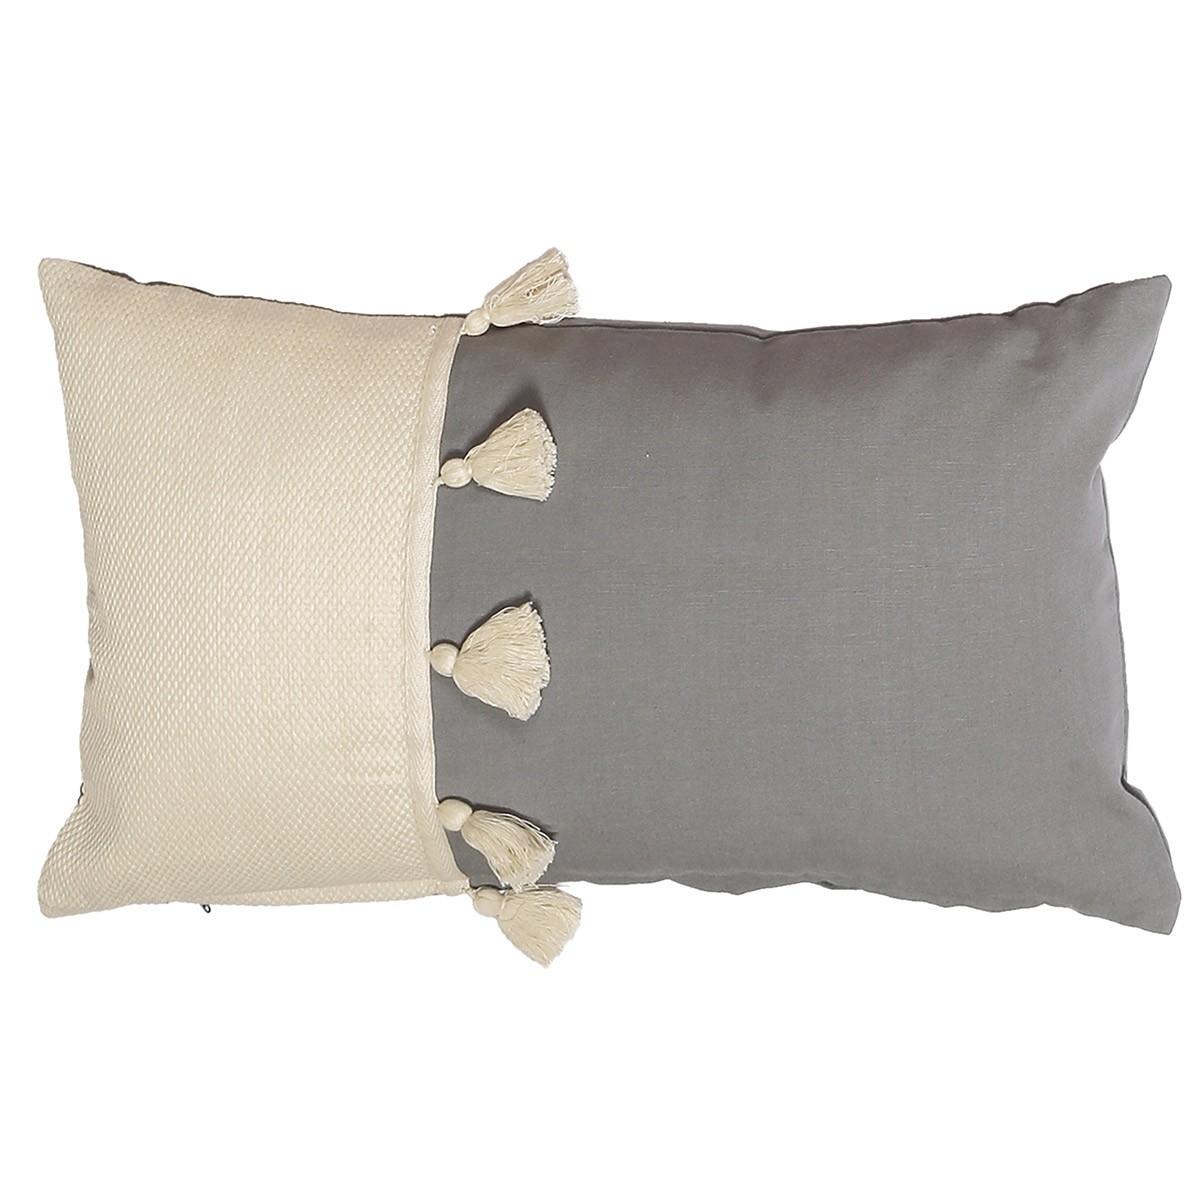 Διακοσμητικό Μαξιλάρι Nef-Nef Tressor Grey